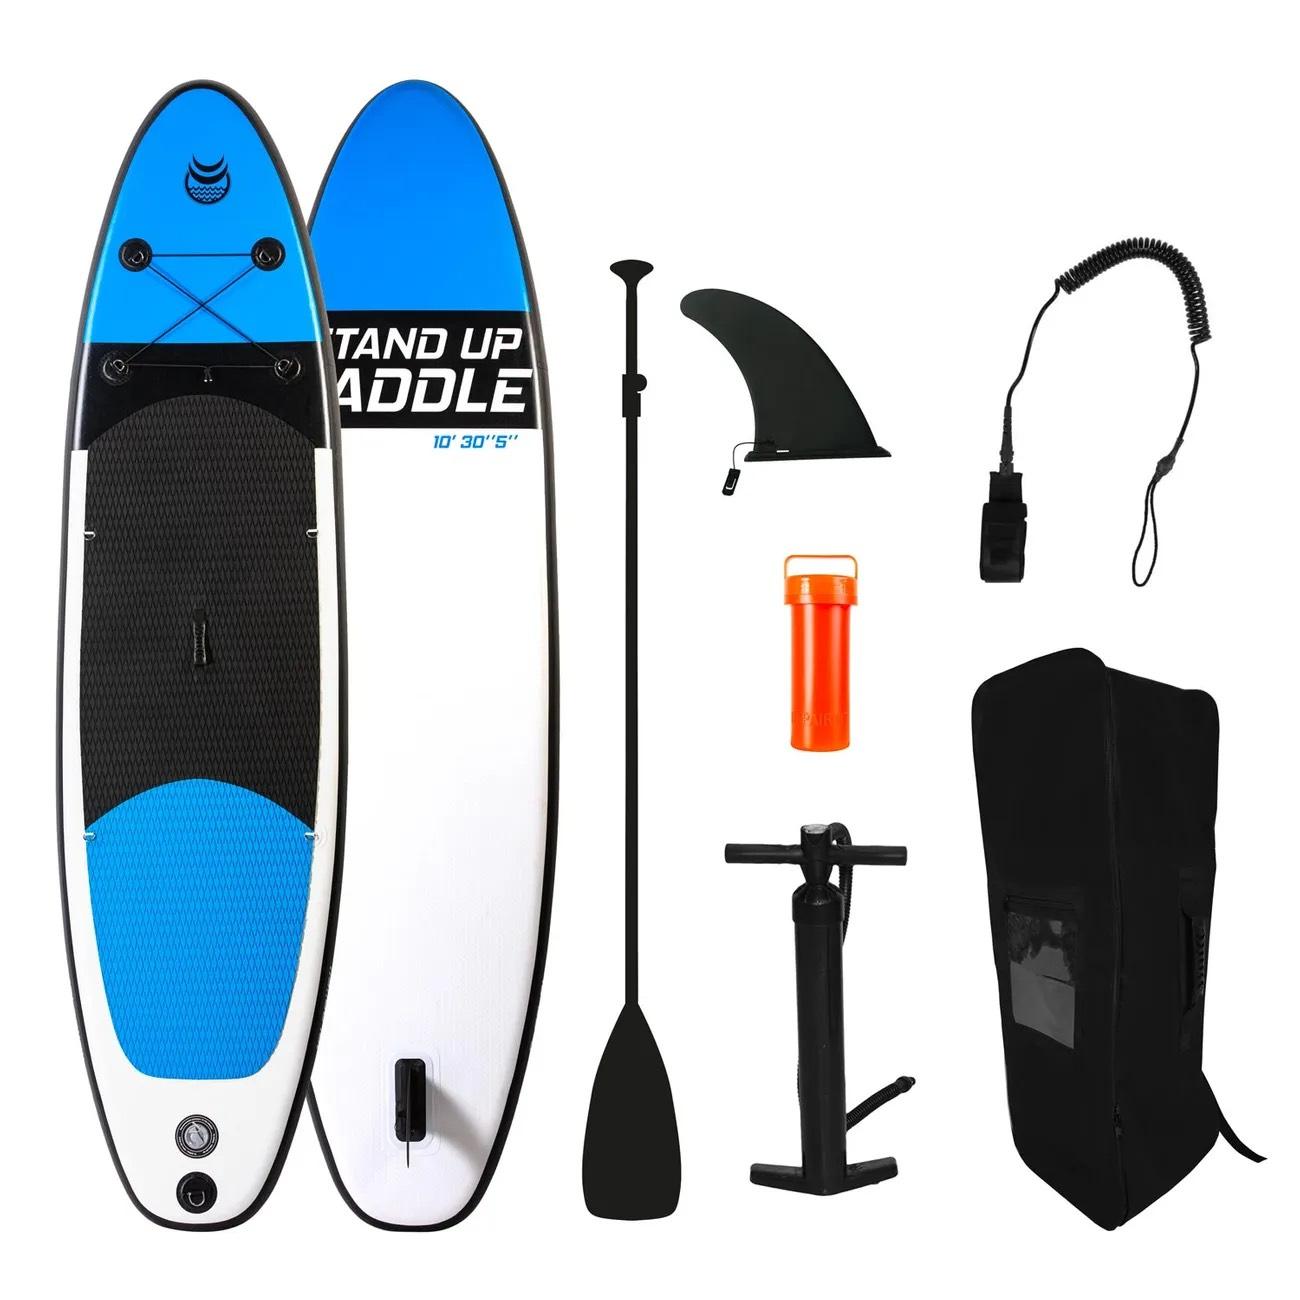 Kit Stand up Paddle Adrenalin URA 10' 30'' 5'' - 305 x 76 x 13 cm, avec pompe, pagaie, leash et sac de transport (vendeur tiers)